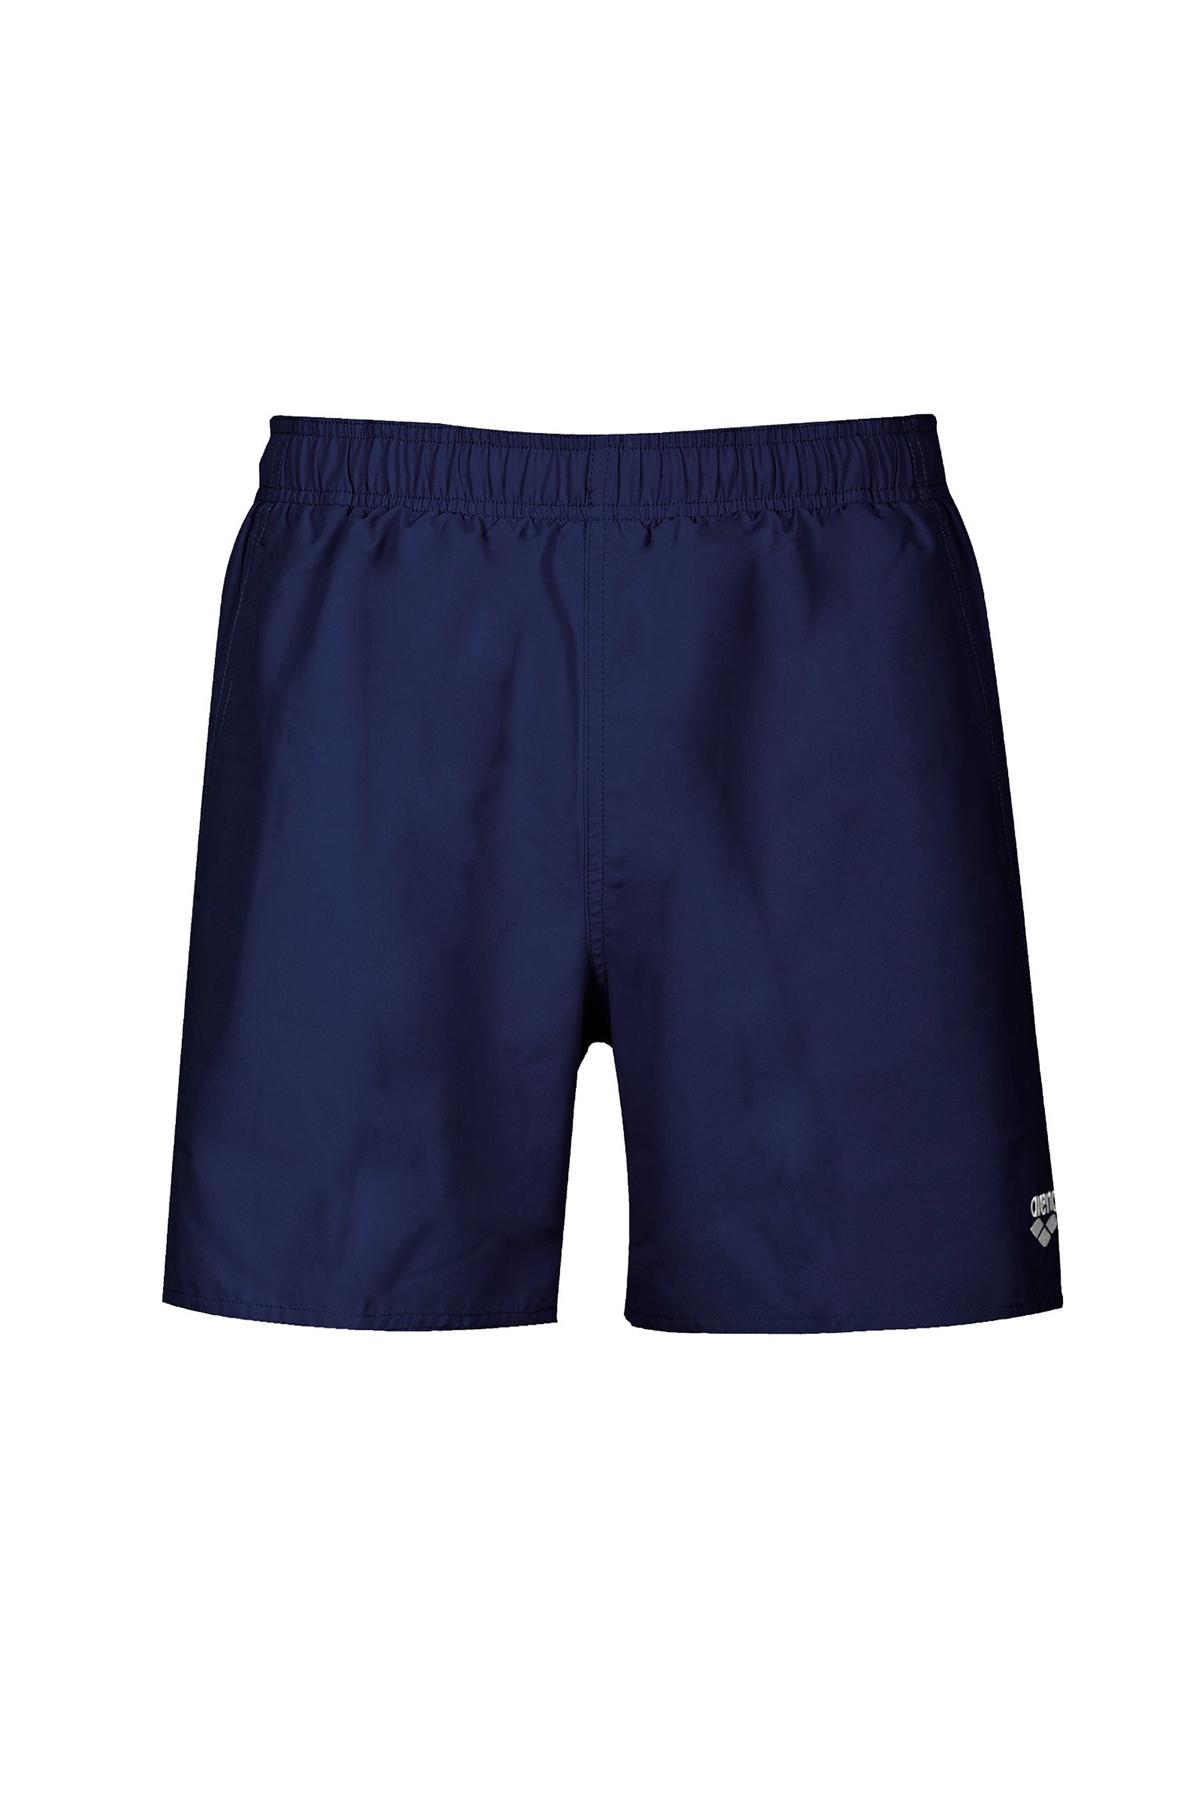 Arena Fundamentals Çocuk Yüzücü Şort (1B35271)